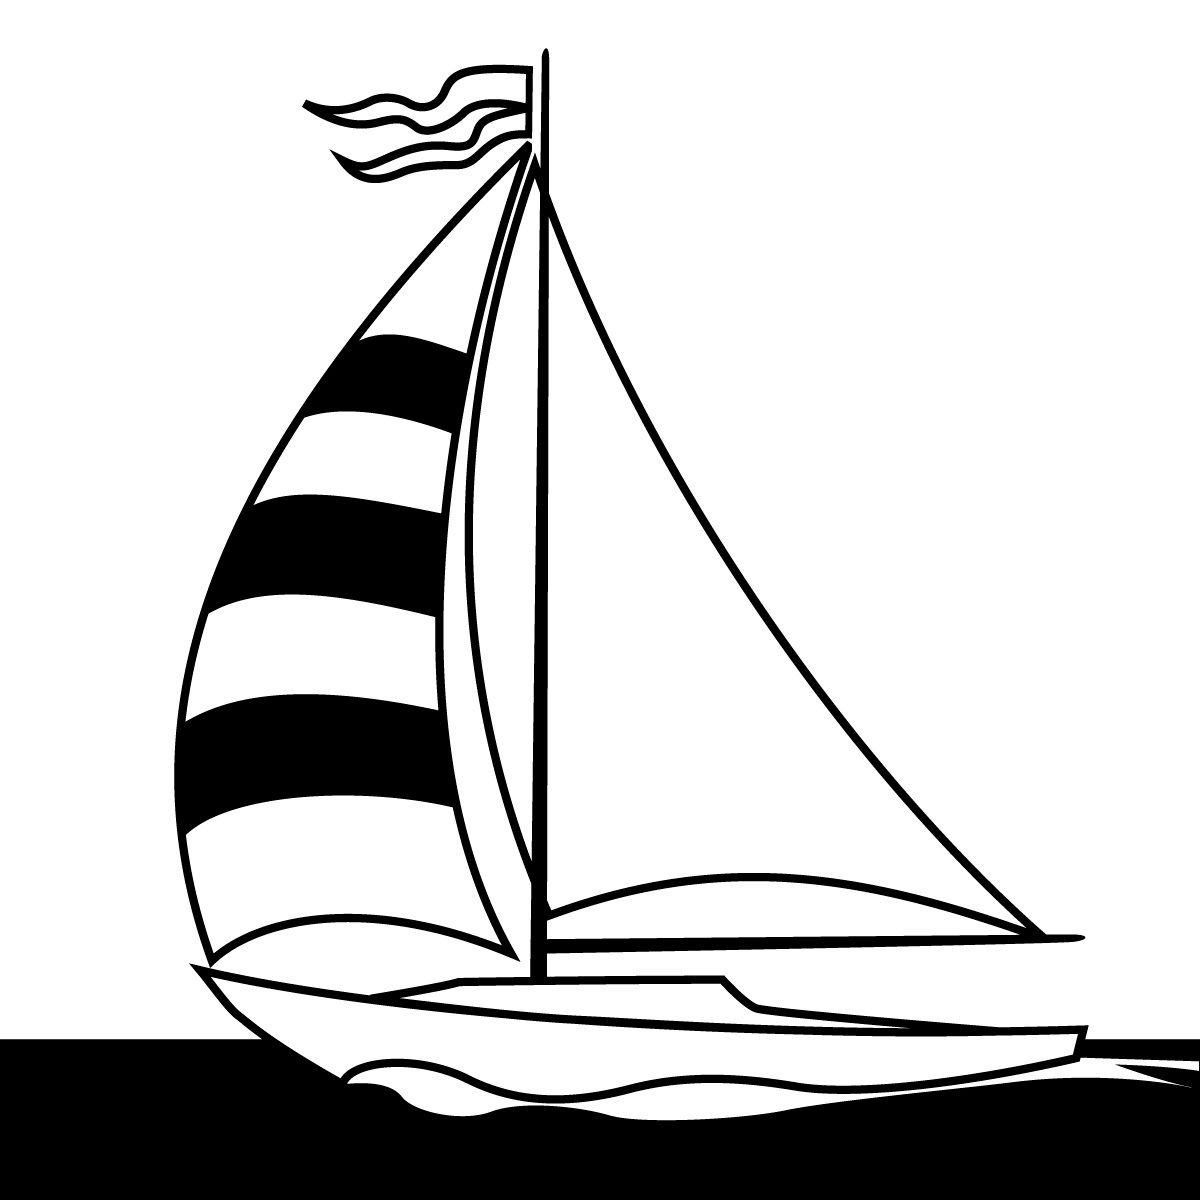 Scal Svg Sailboat